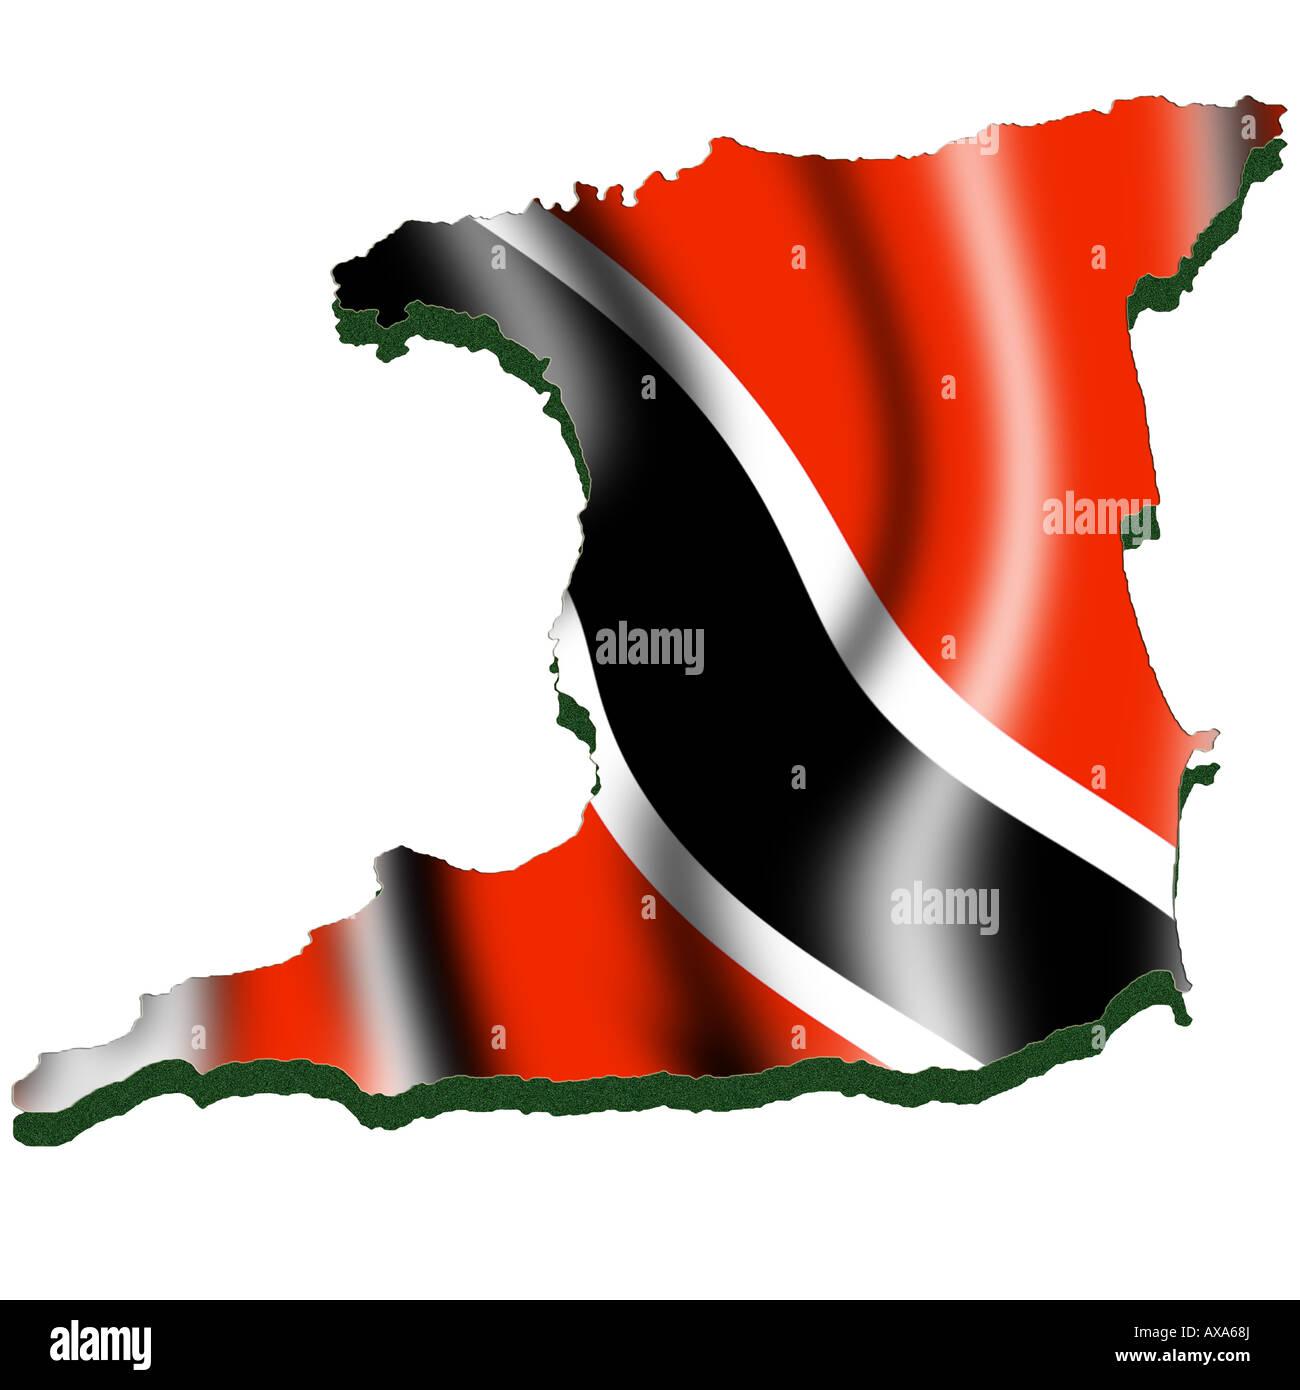 Trinidad And Tobago Map Stock Photos & Trinidad And Tobago ...